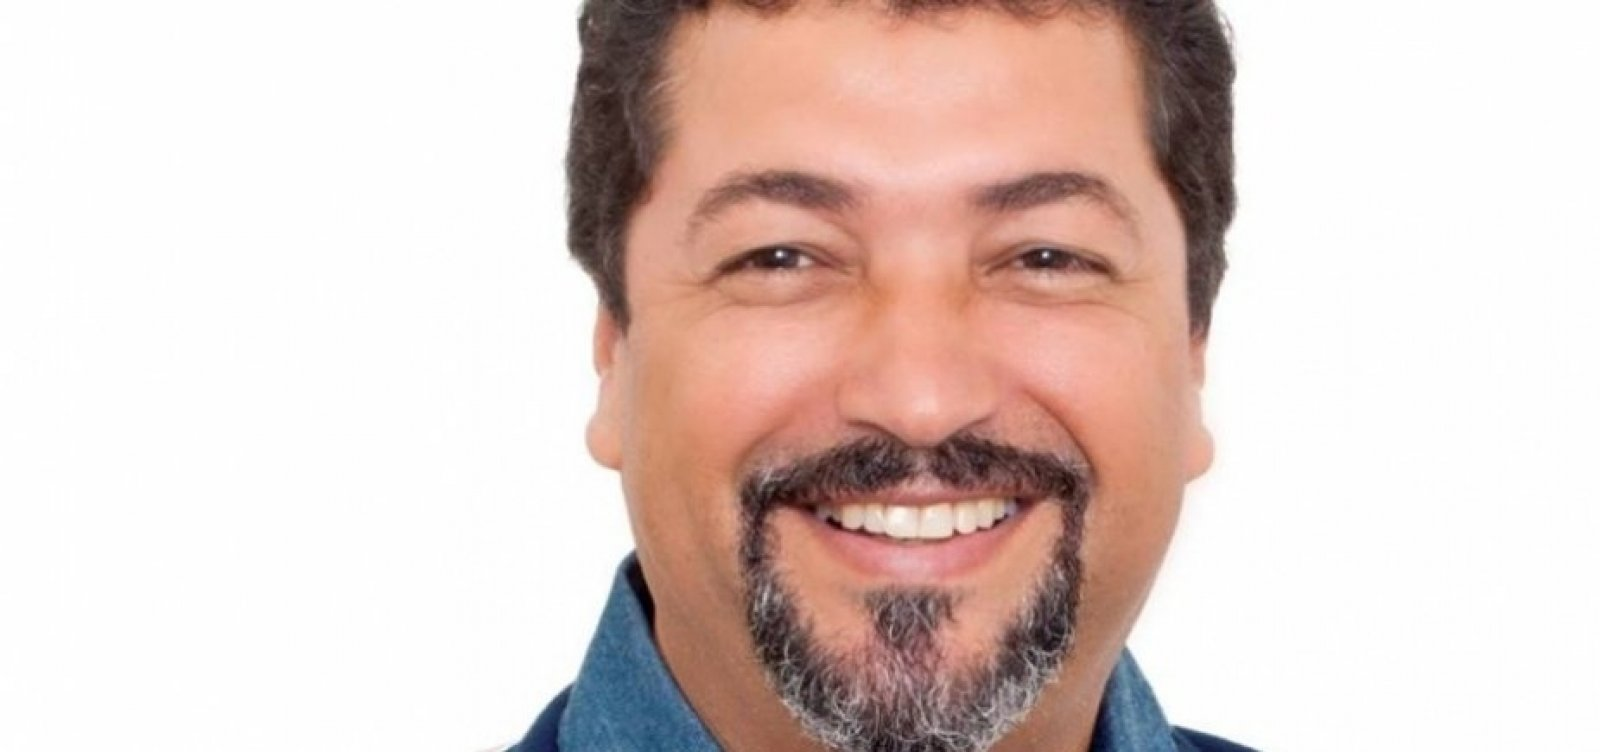 [TJ condena ex-prefeito de Muritiba por corrupção e lavagem de dinheiro]